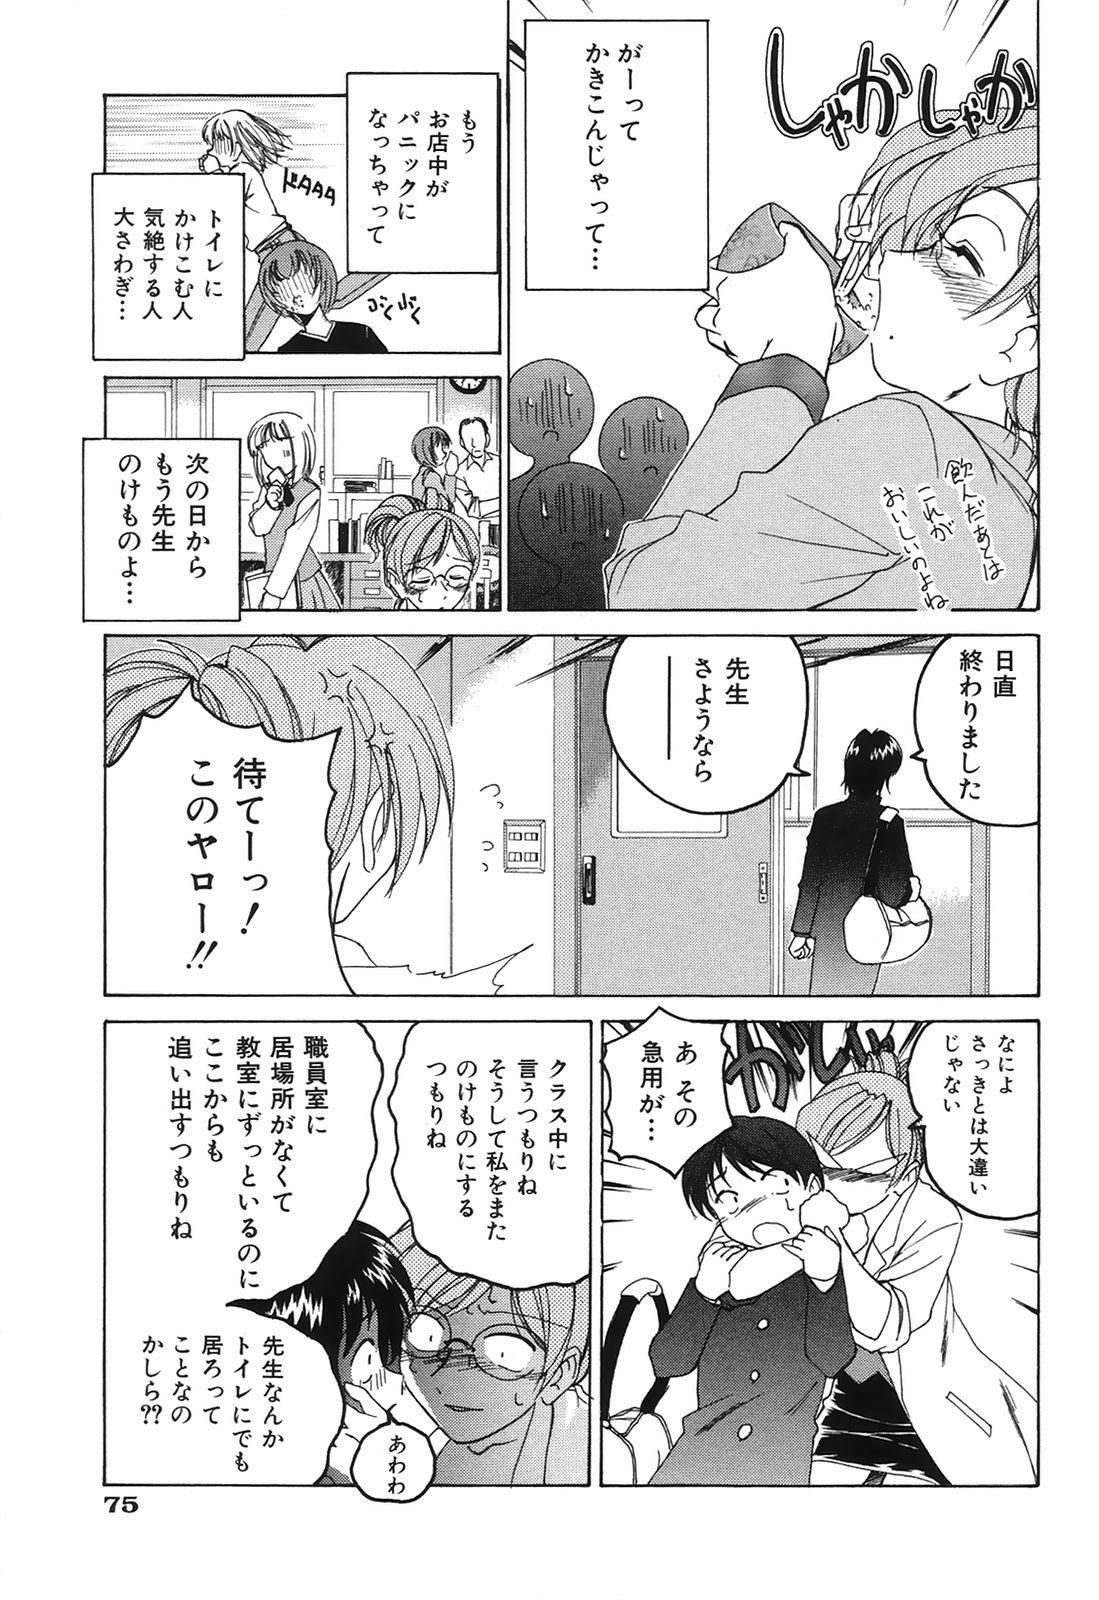 Omake No Musume 77